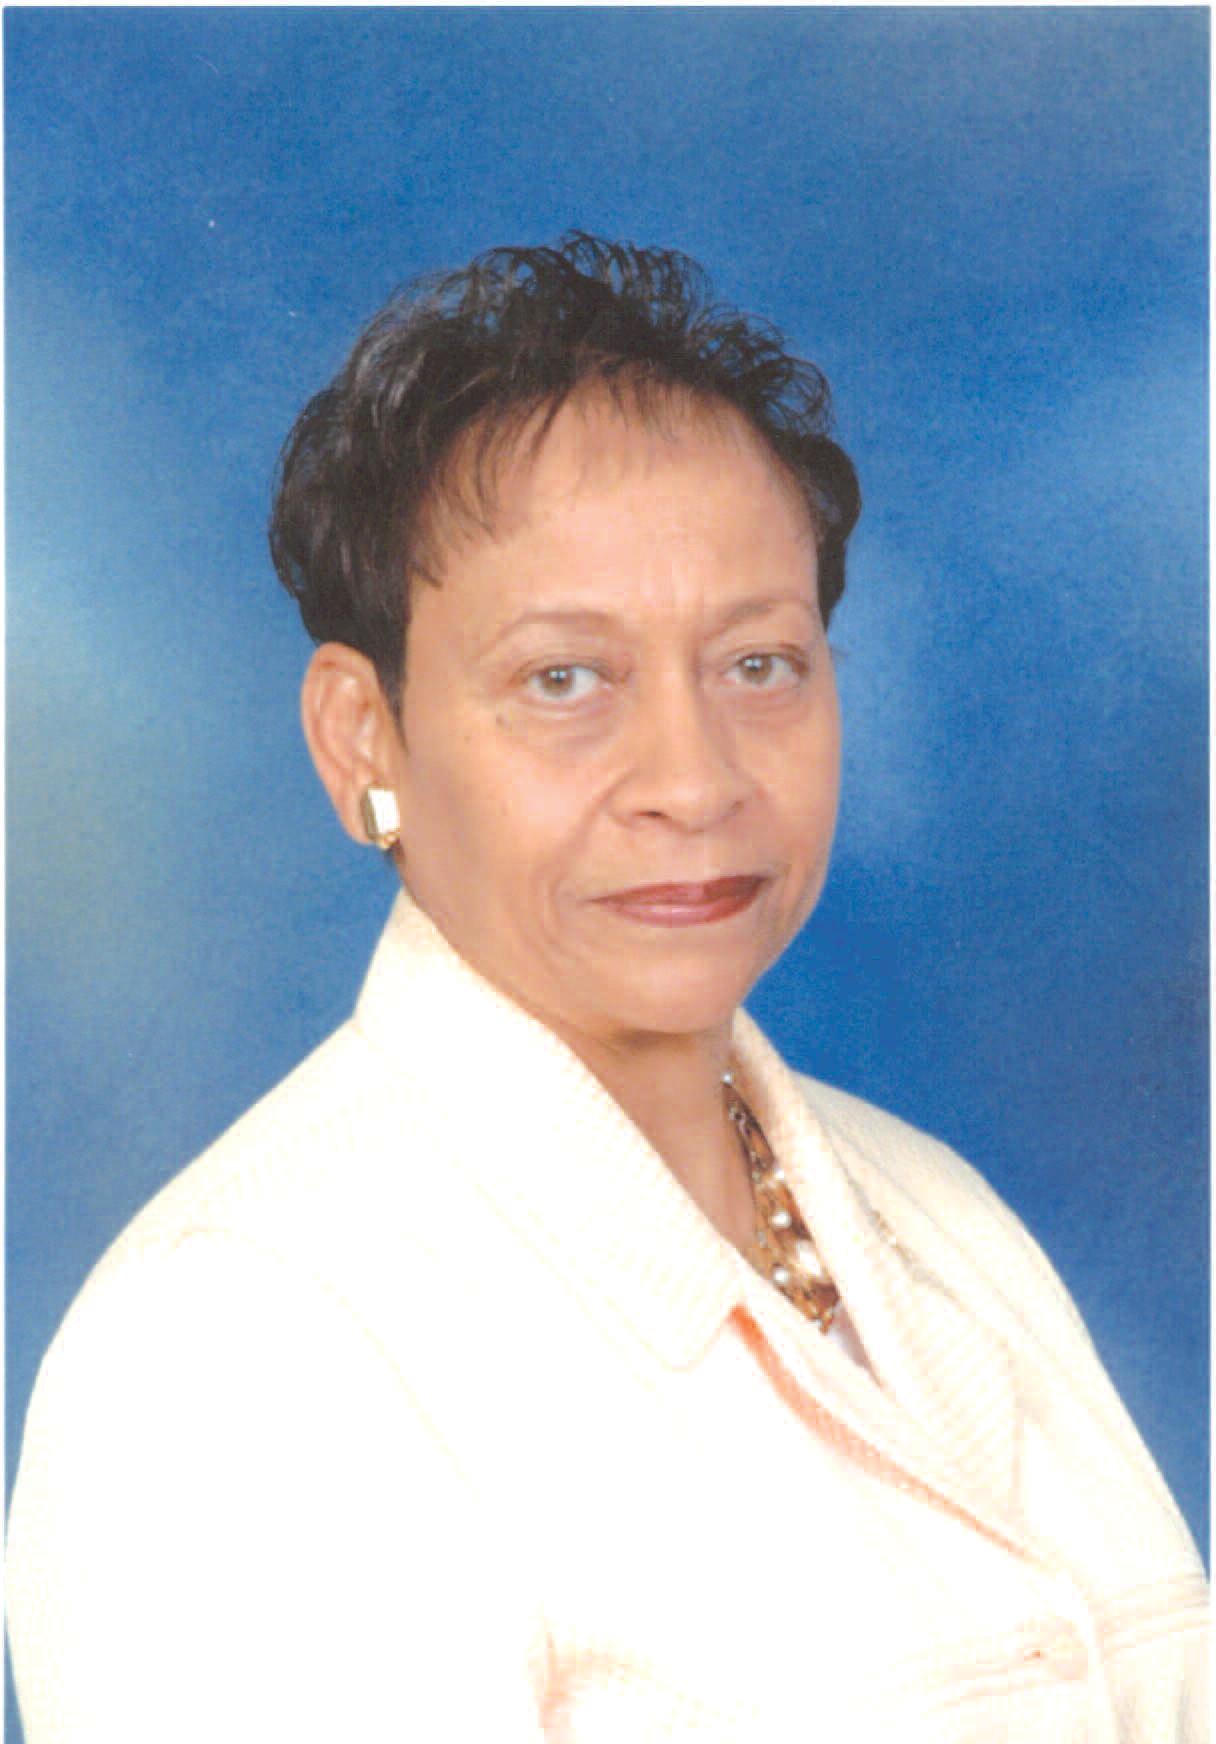 Dr. Annette K. Brock